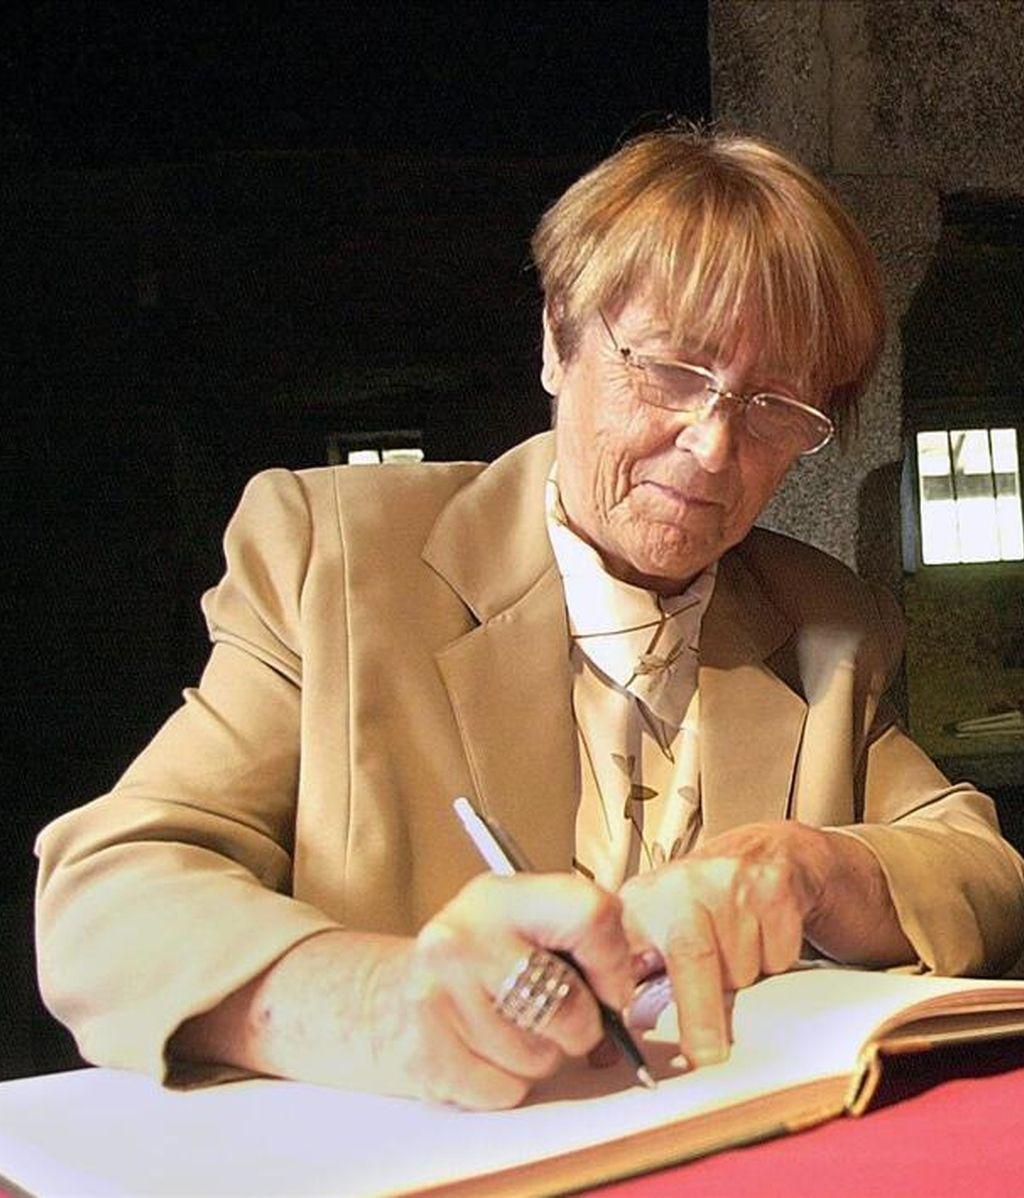 Fotografía de archivo fechada el 31 de agosto de 2002 de la escritora gallega Xohana Torres. EFE/Archivo